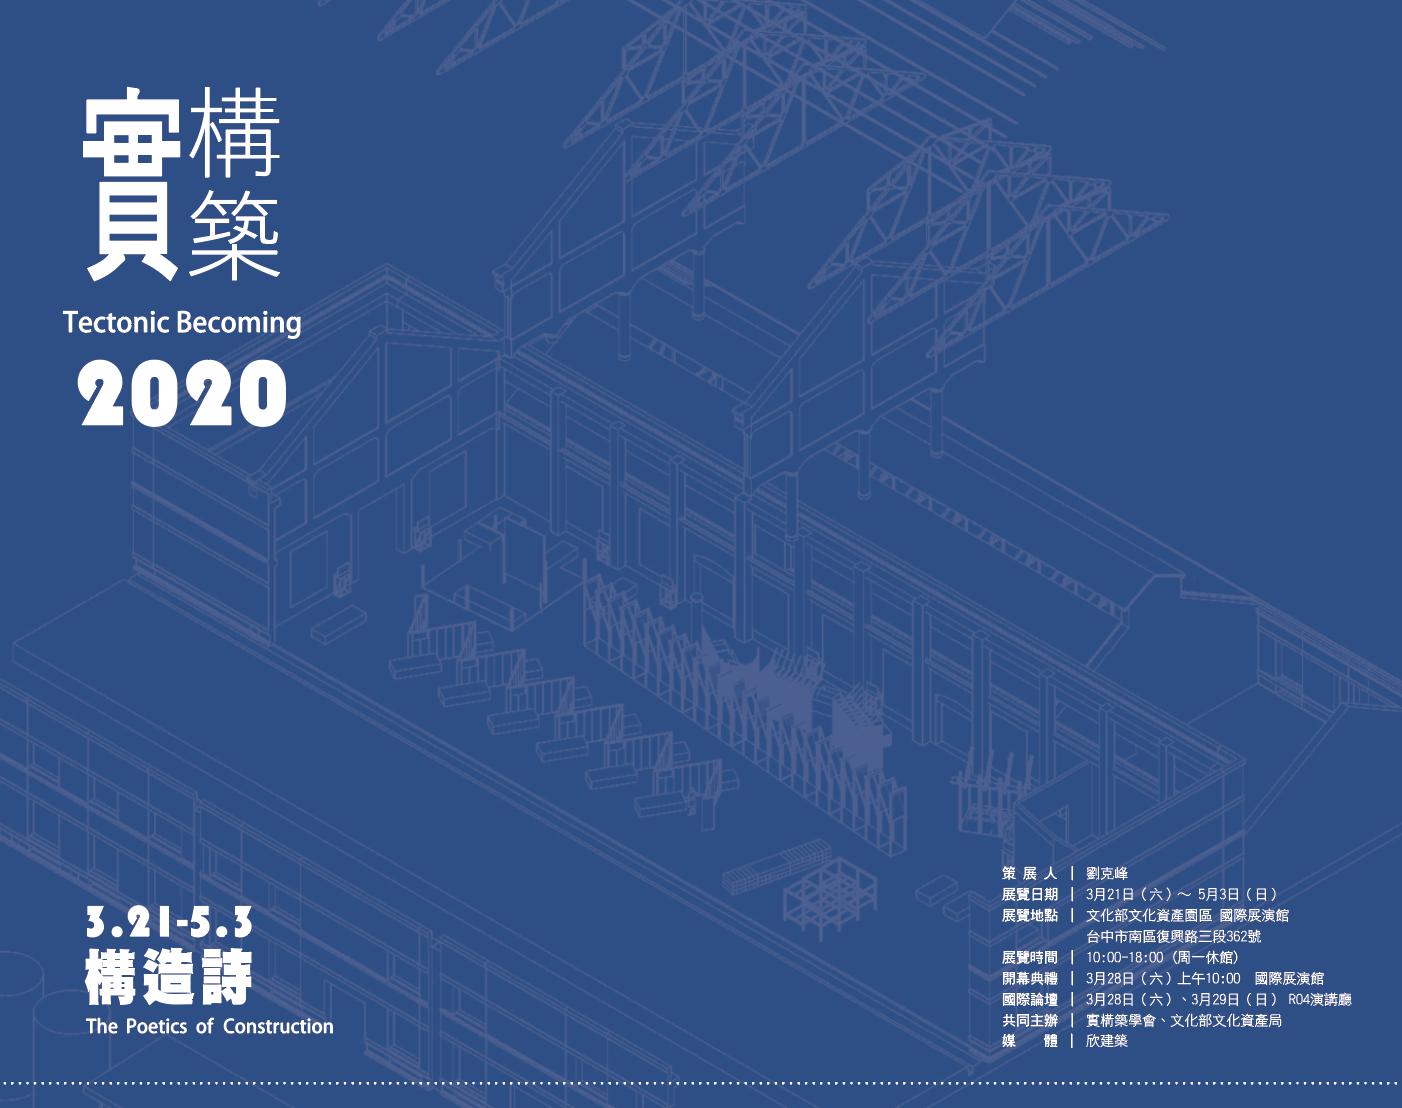 2020實構築-構造詩